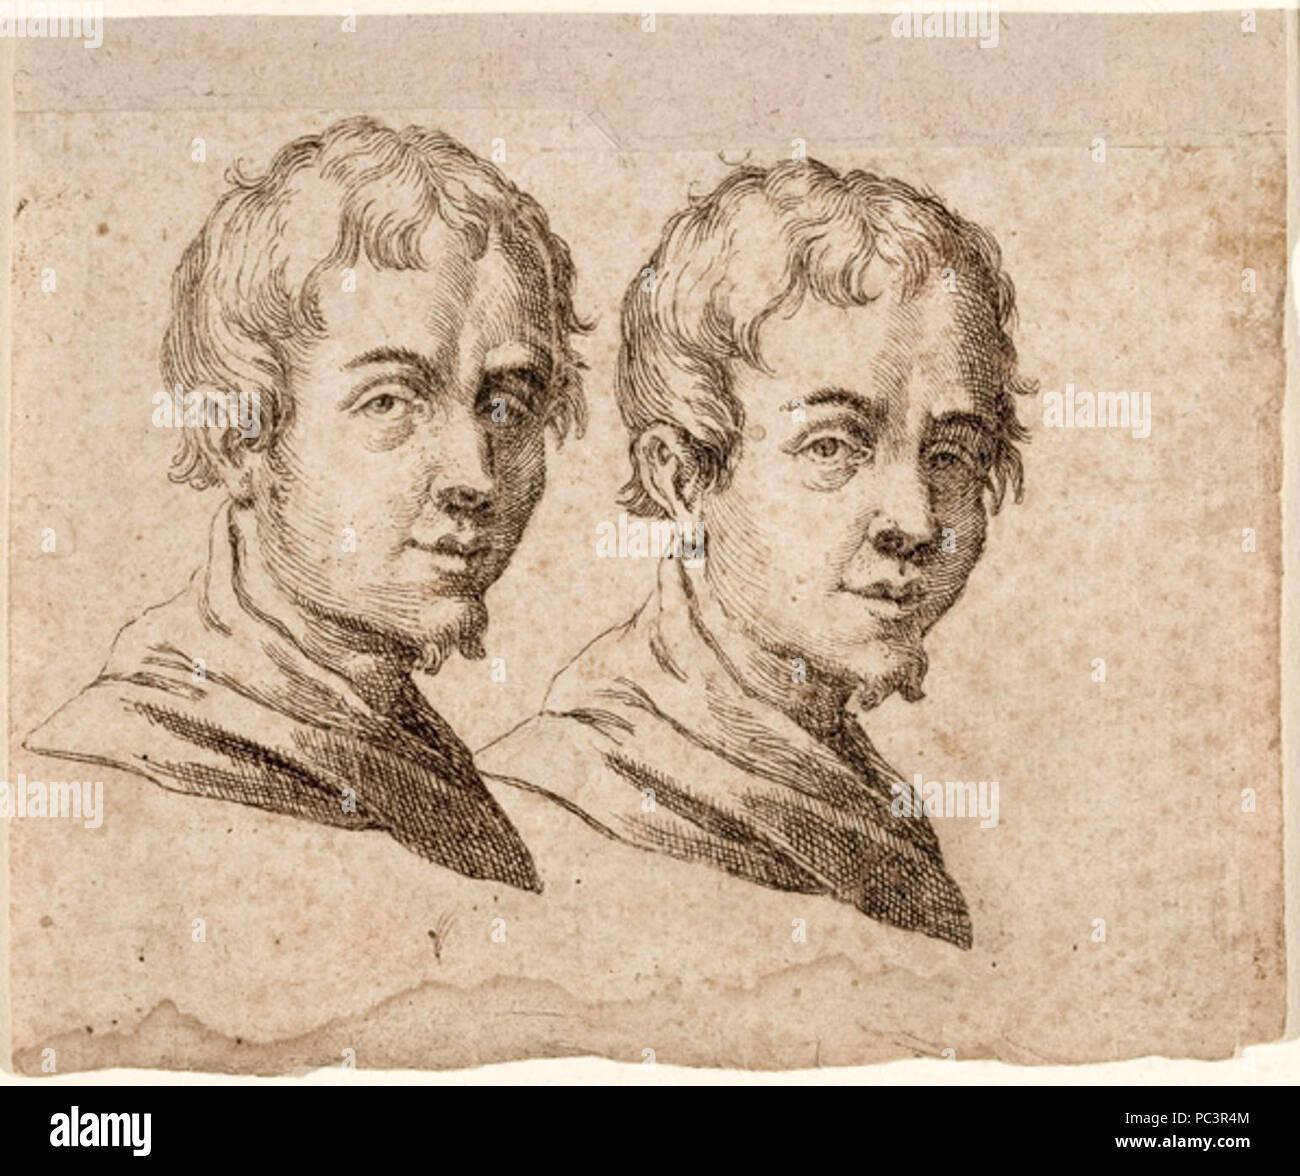 Aegidius Sadeler - Dois Estudos da Cabeça de um Adolescente. Photo Stock